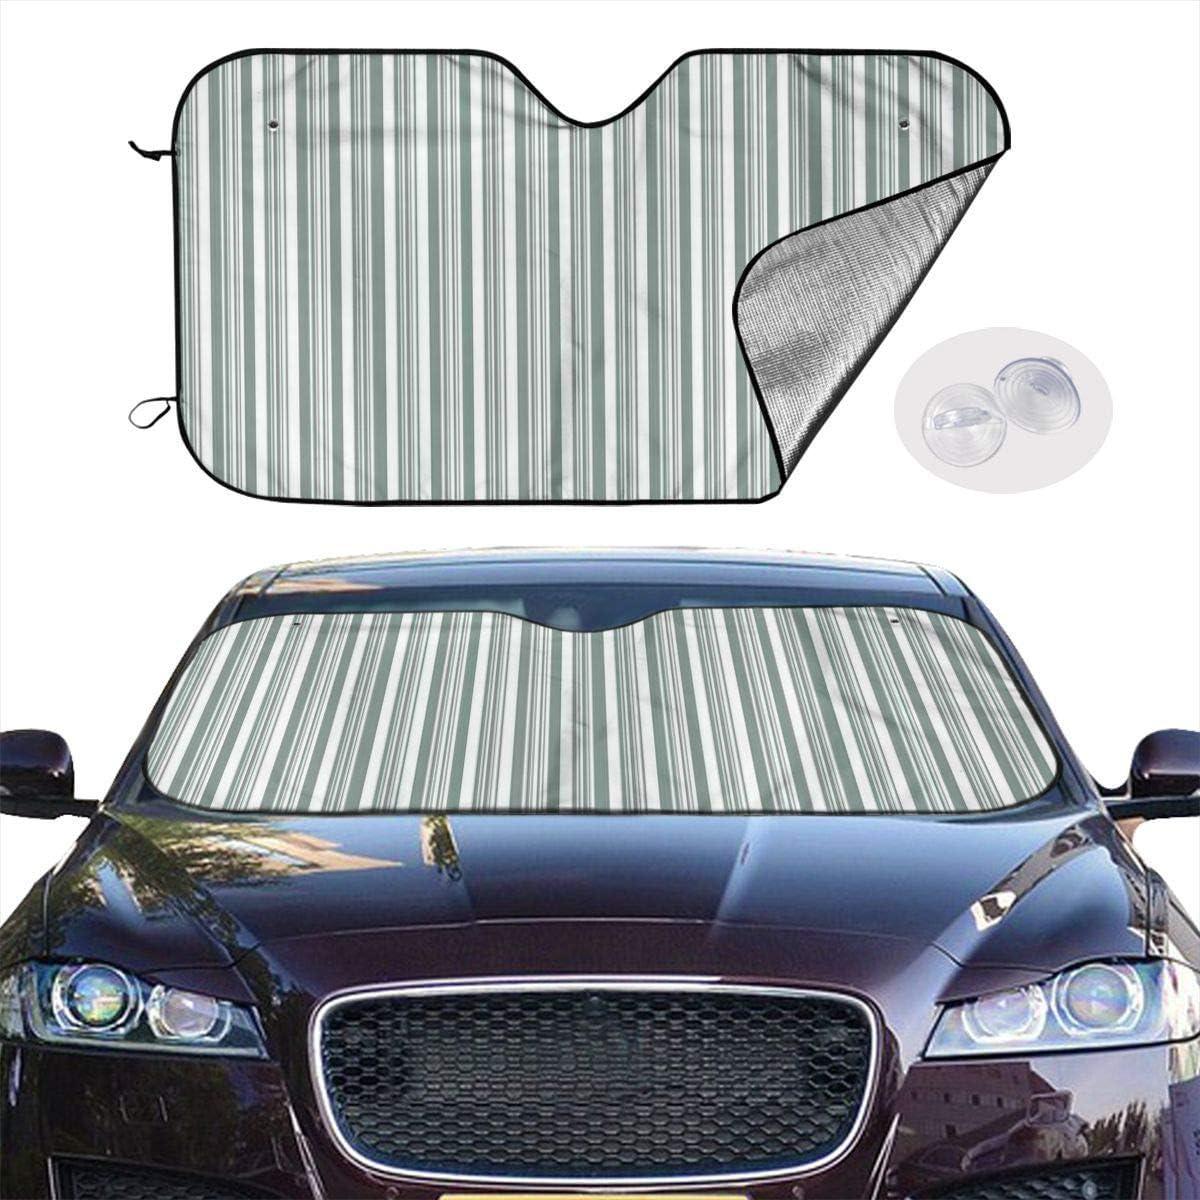 passgenau Spiegelfu/ßaussparung fahrzeugspezifisch Sonnenschutzstreifen Windschutzscheibe inkl VGIVLST1T Frontblendstreifen